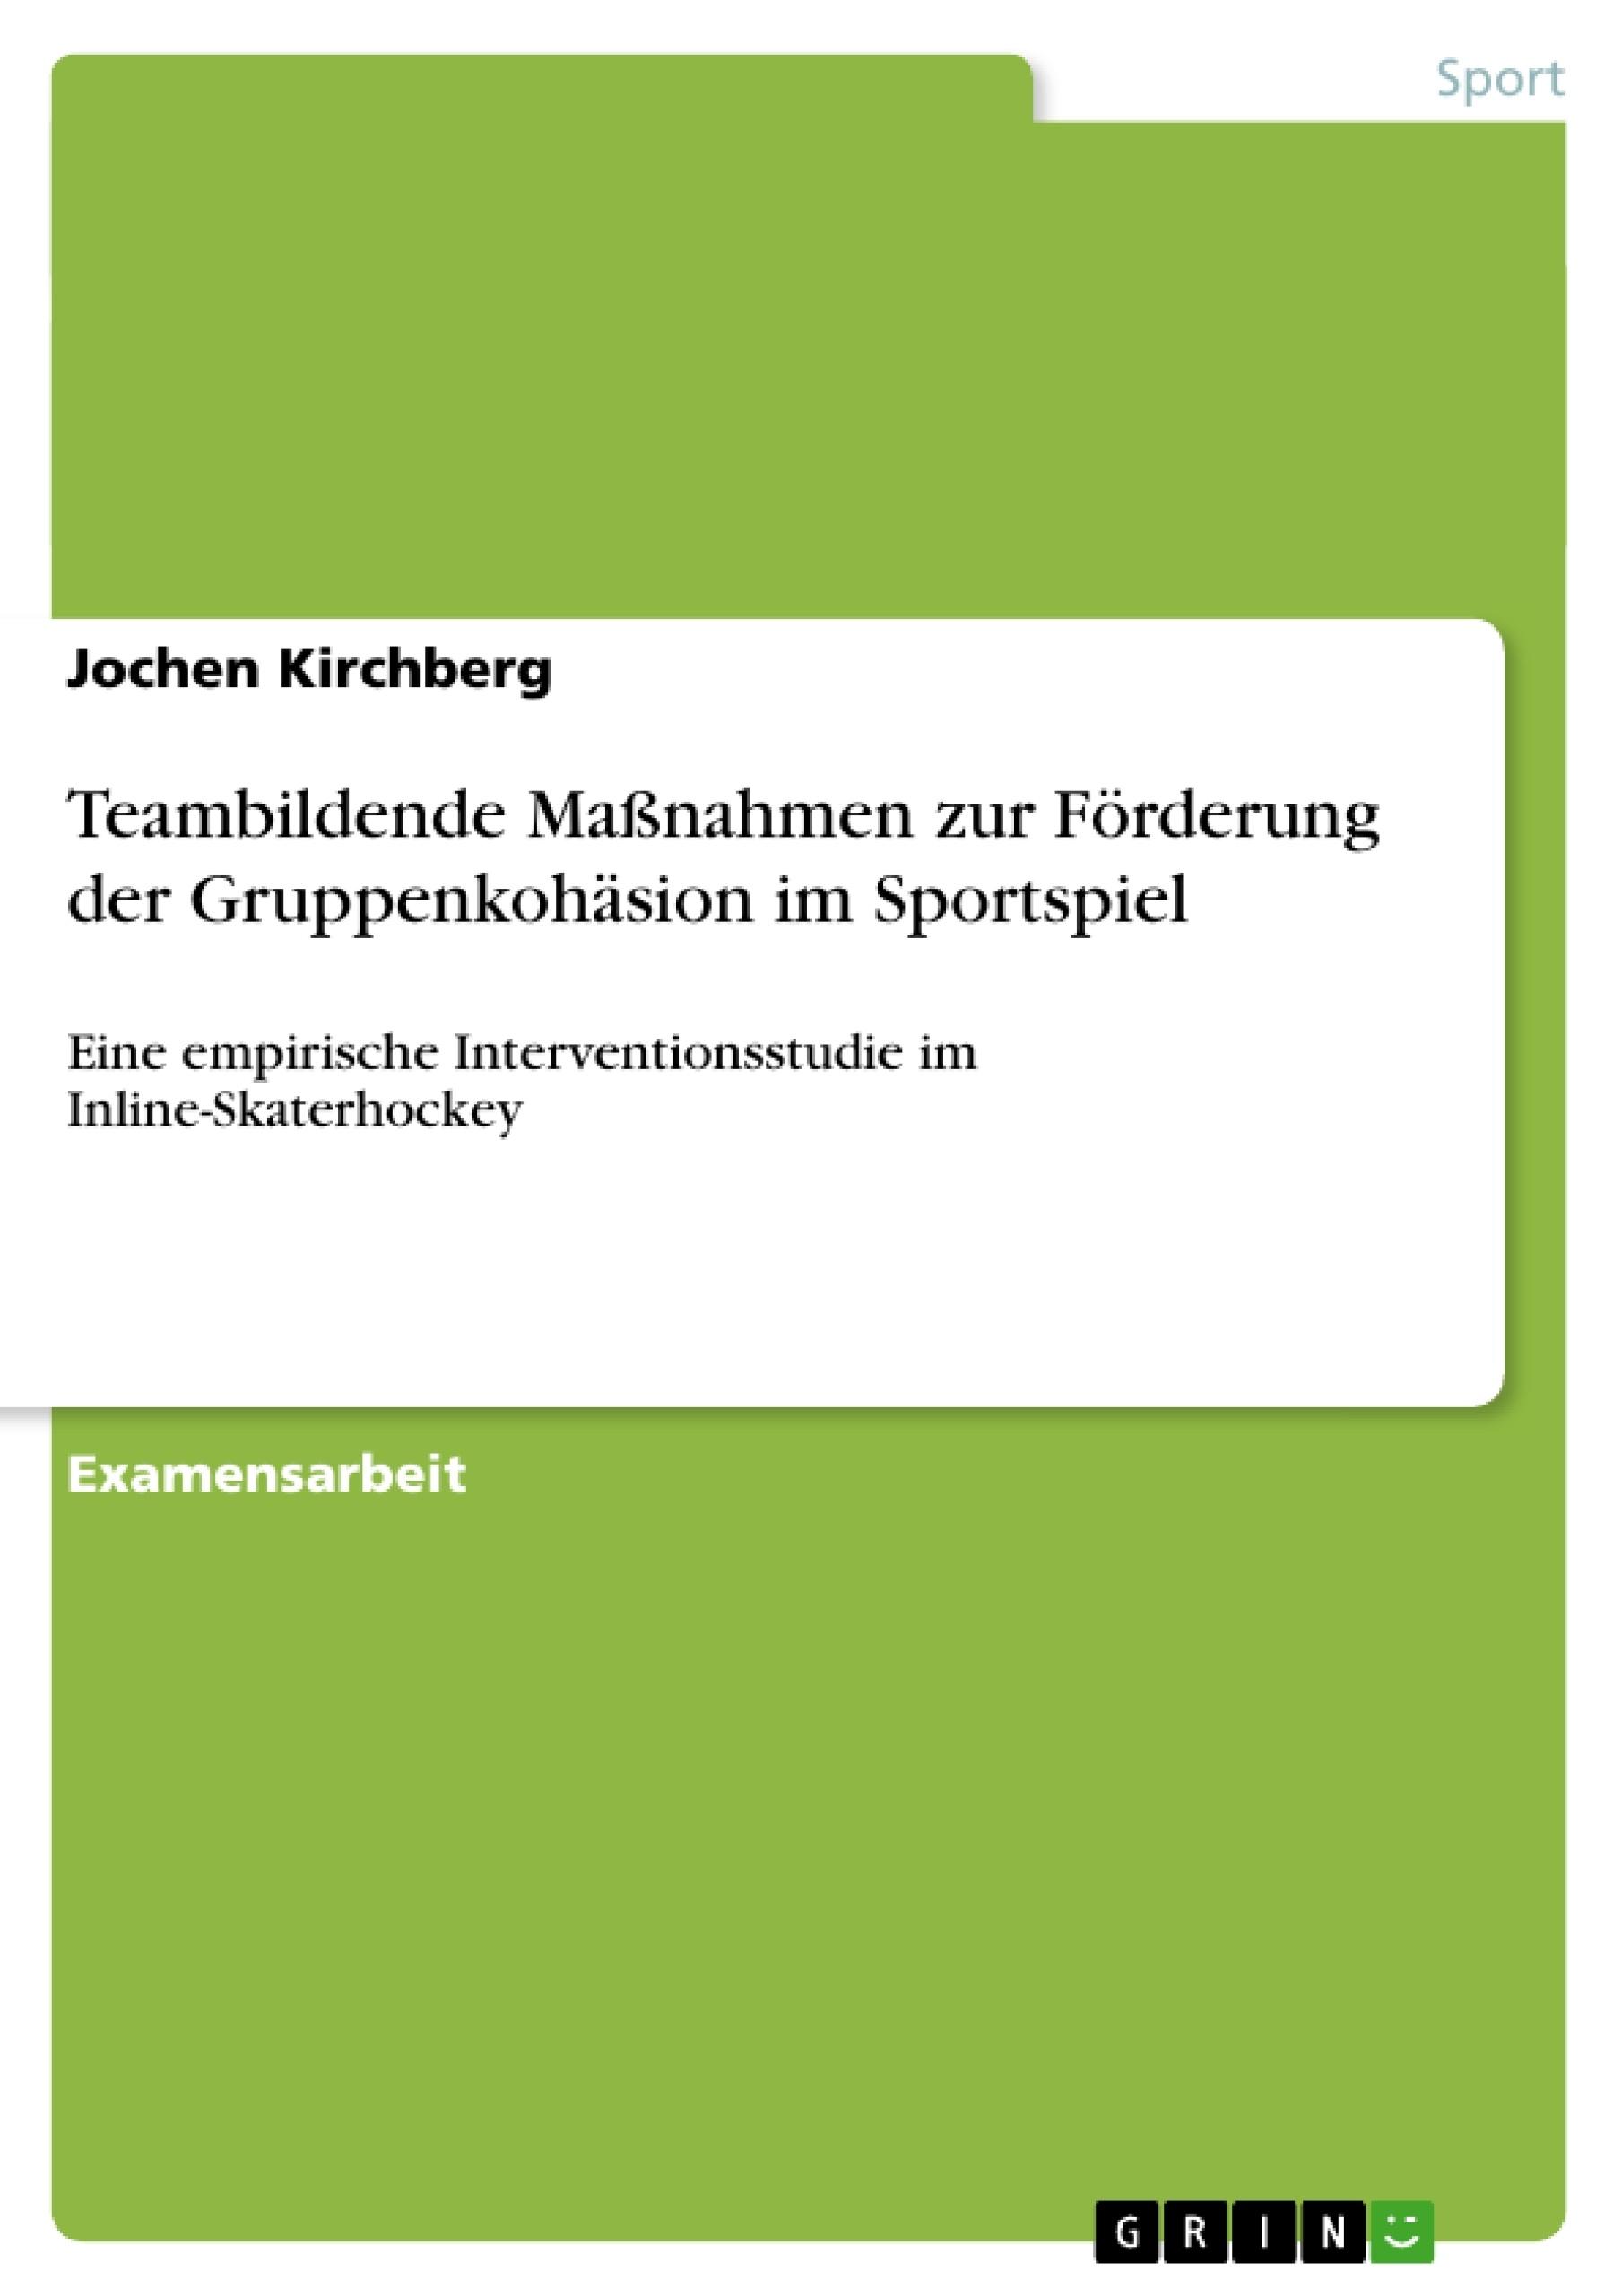 Titel: Teambildende Maßnahmen zur Förderung der Gruppenkohäsion im Sportspiel